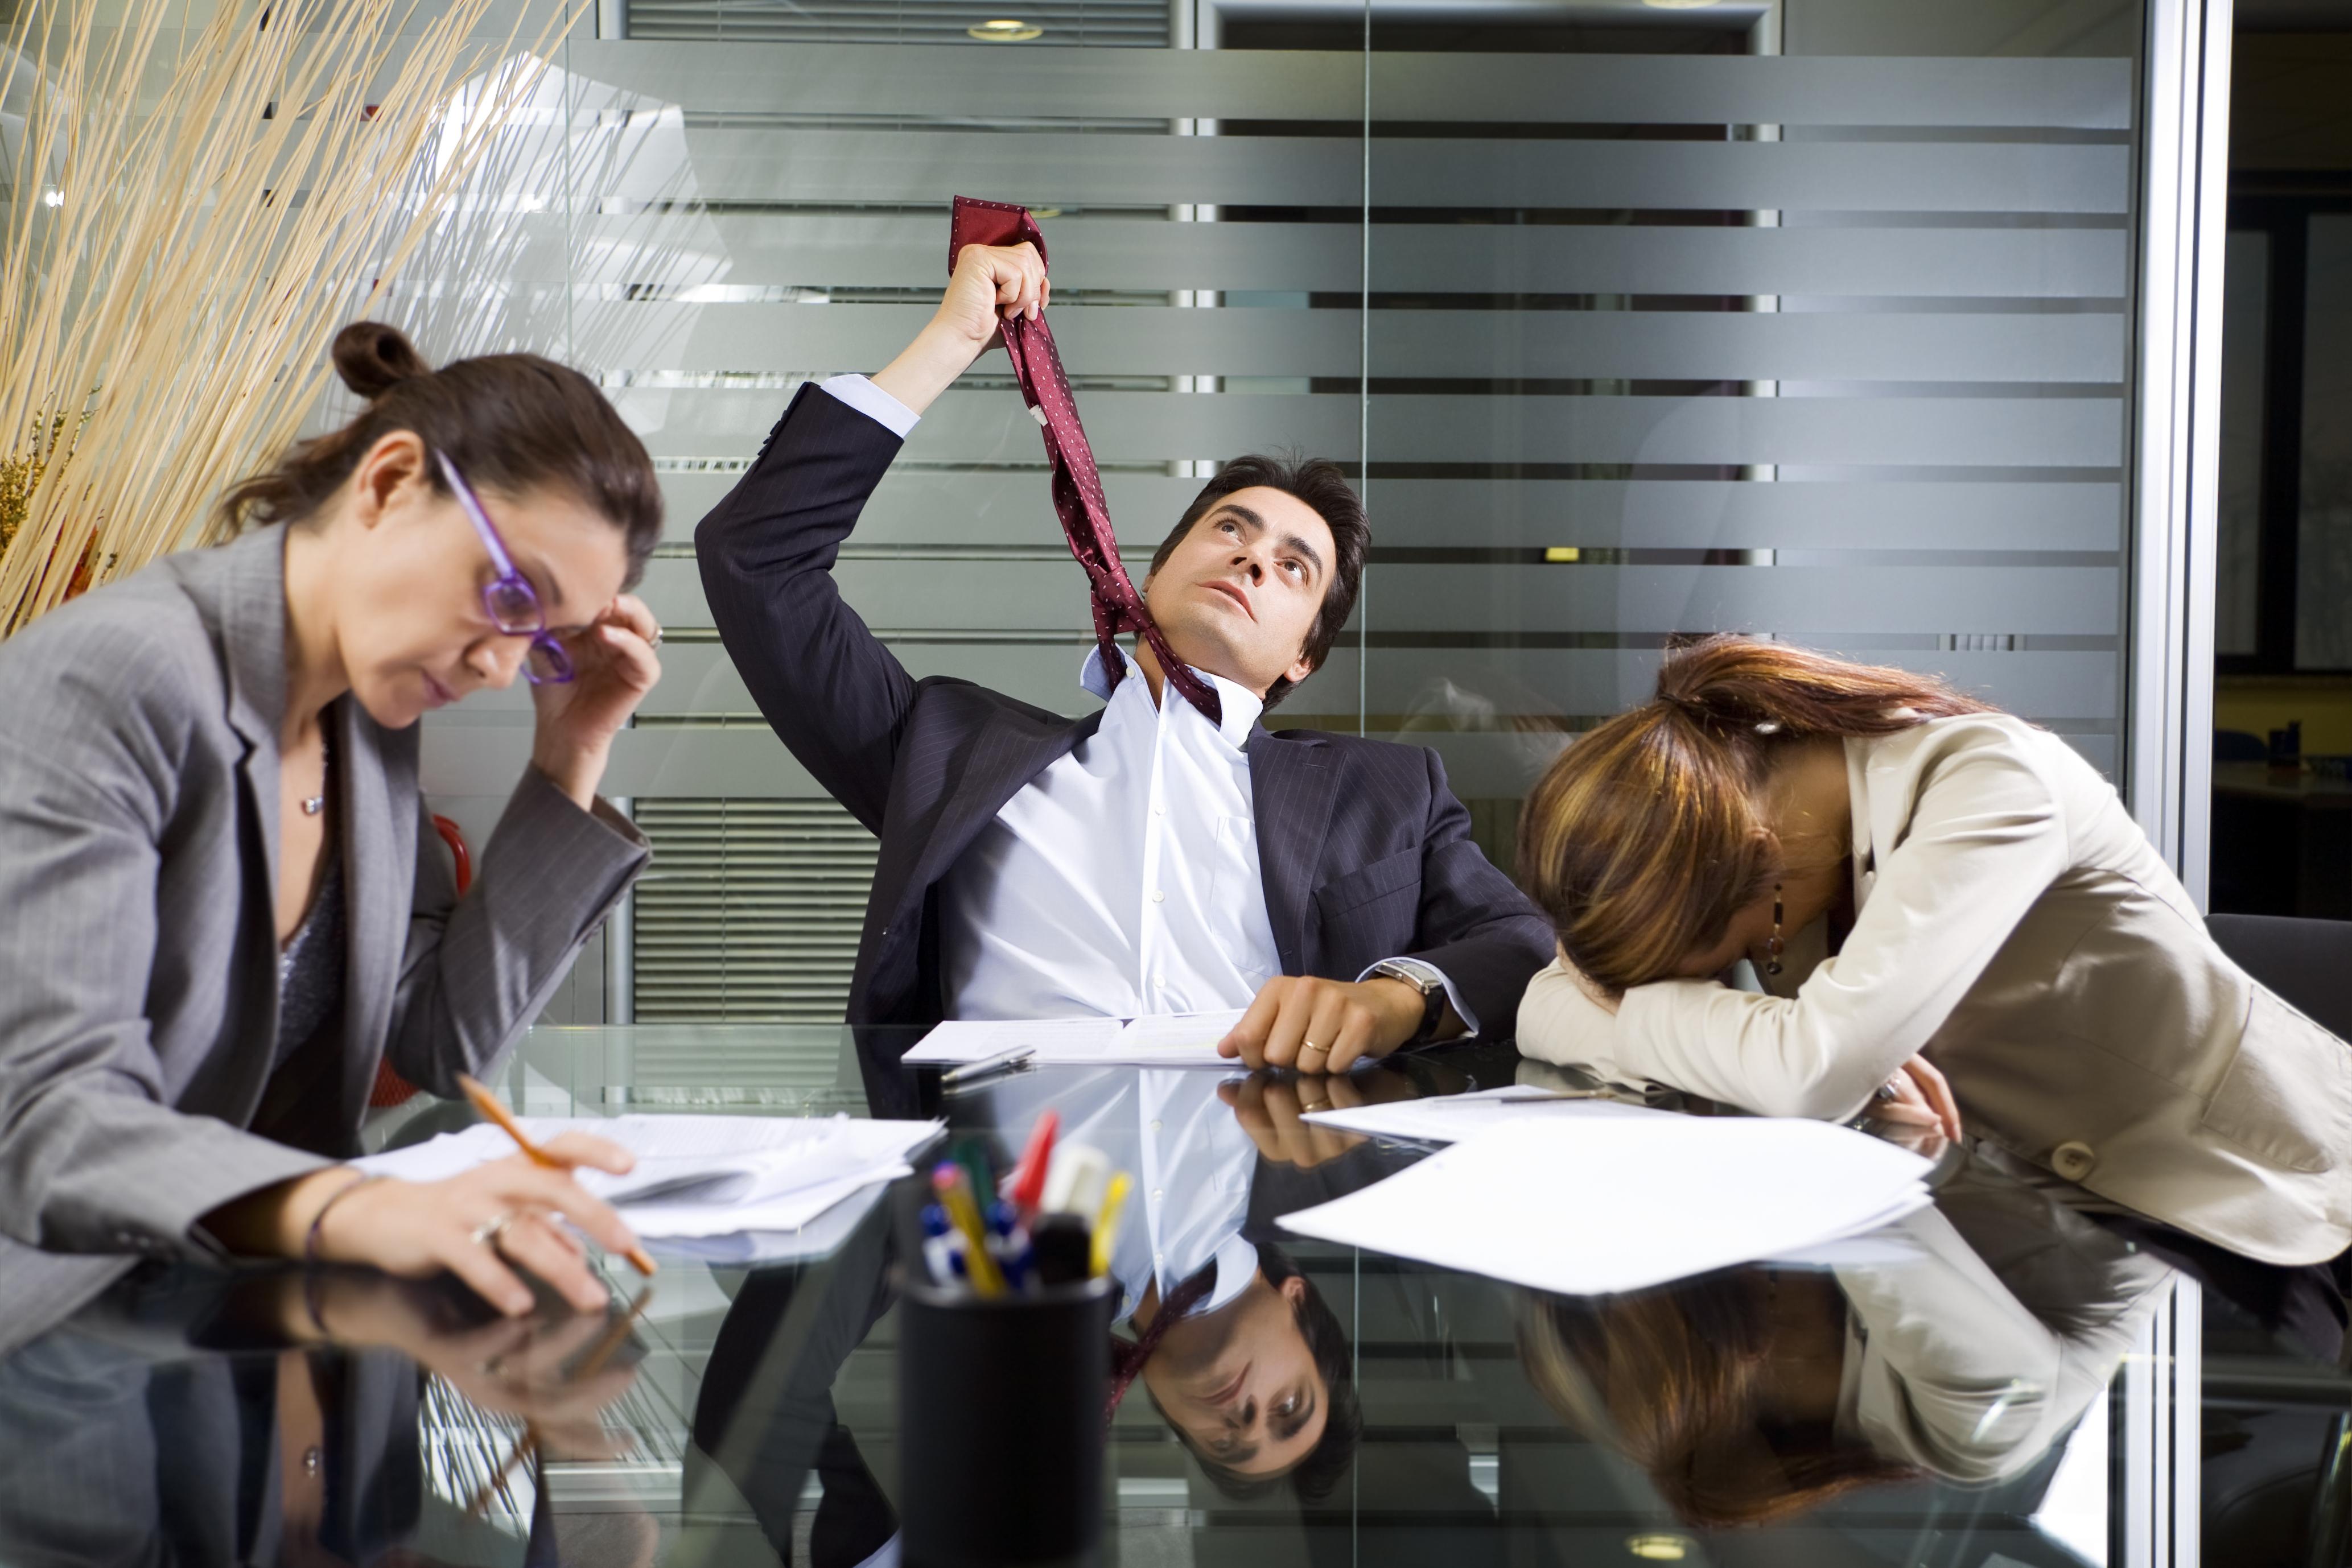 чем заняться в жизни, как найти своё дело, устал от офисной работы, офисное рабство, надоела наемная работа, как начать работать на себя, офисный планктон